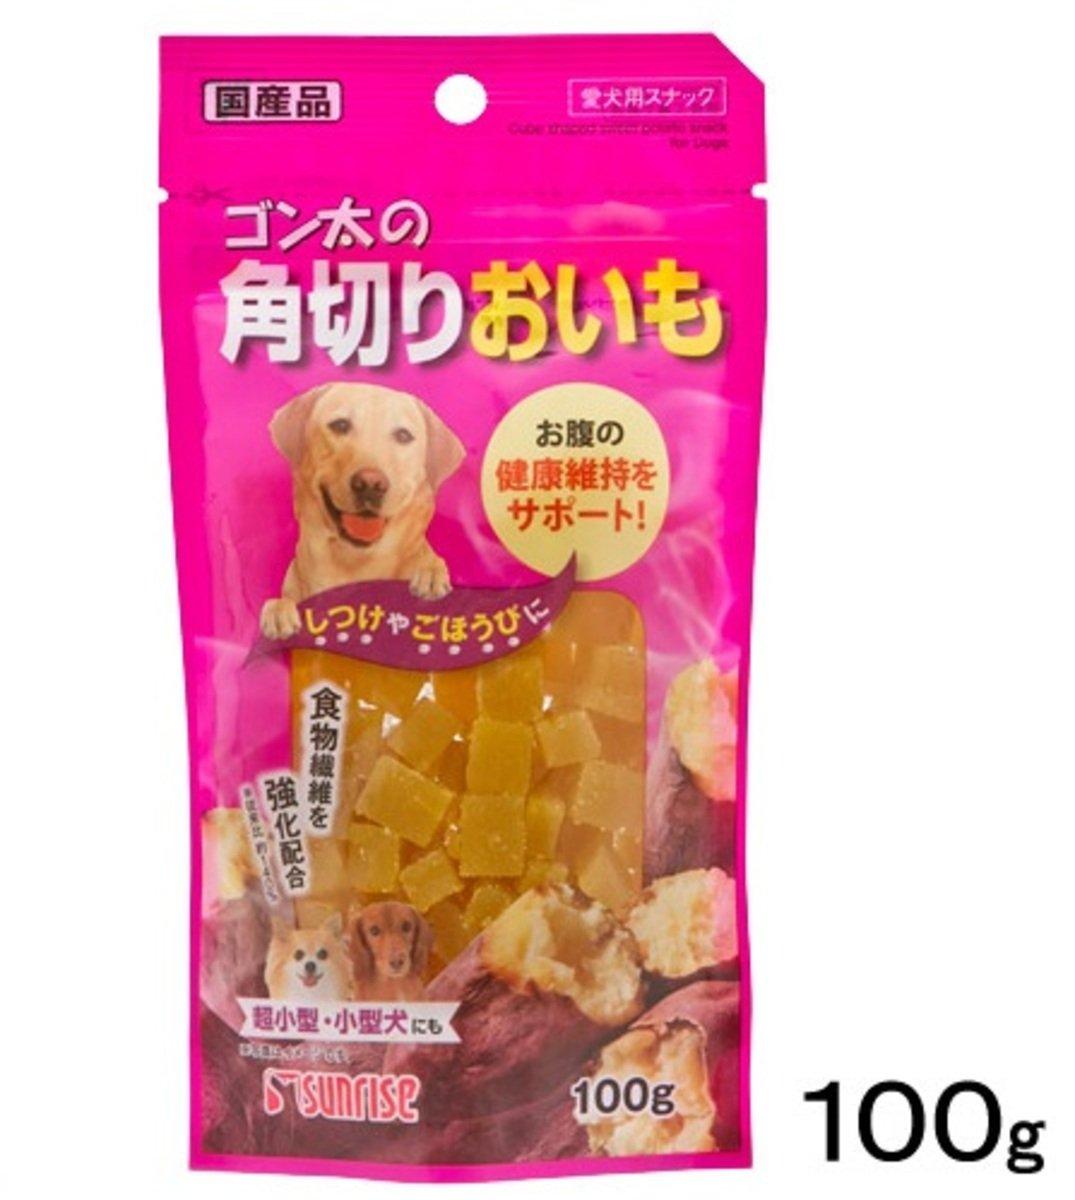 日本 SUNRISE 甜薯切粒 100g